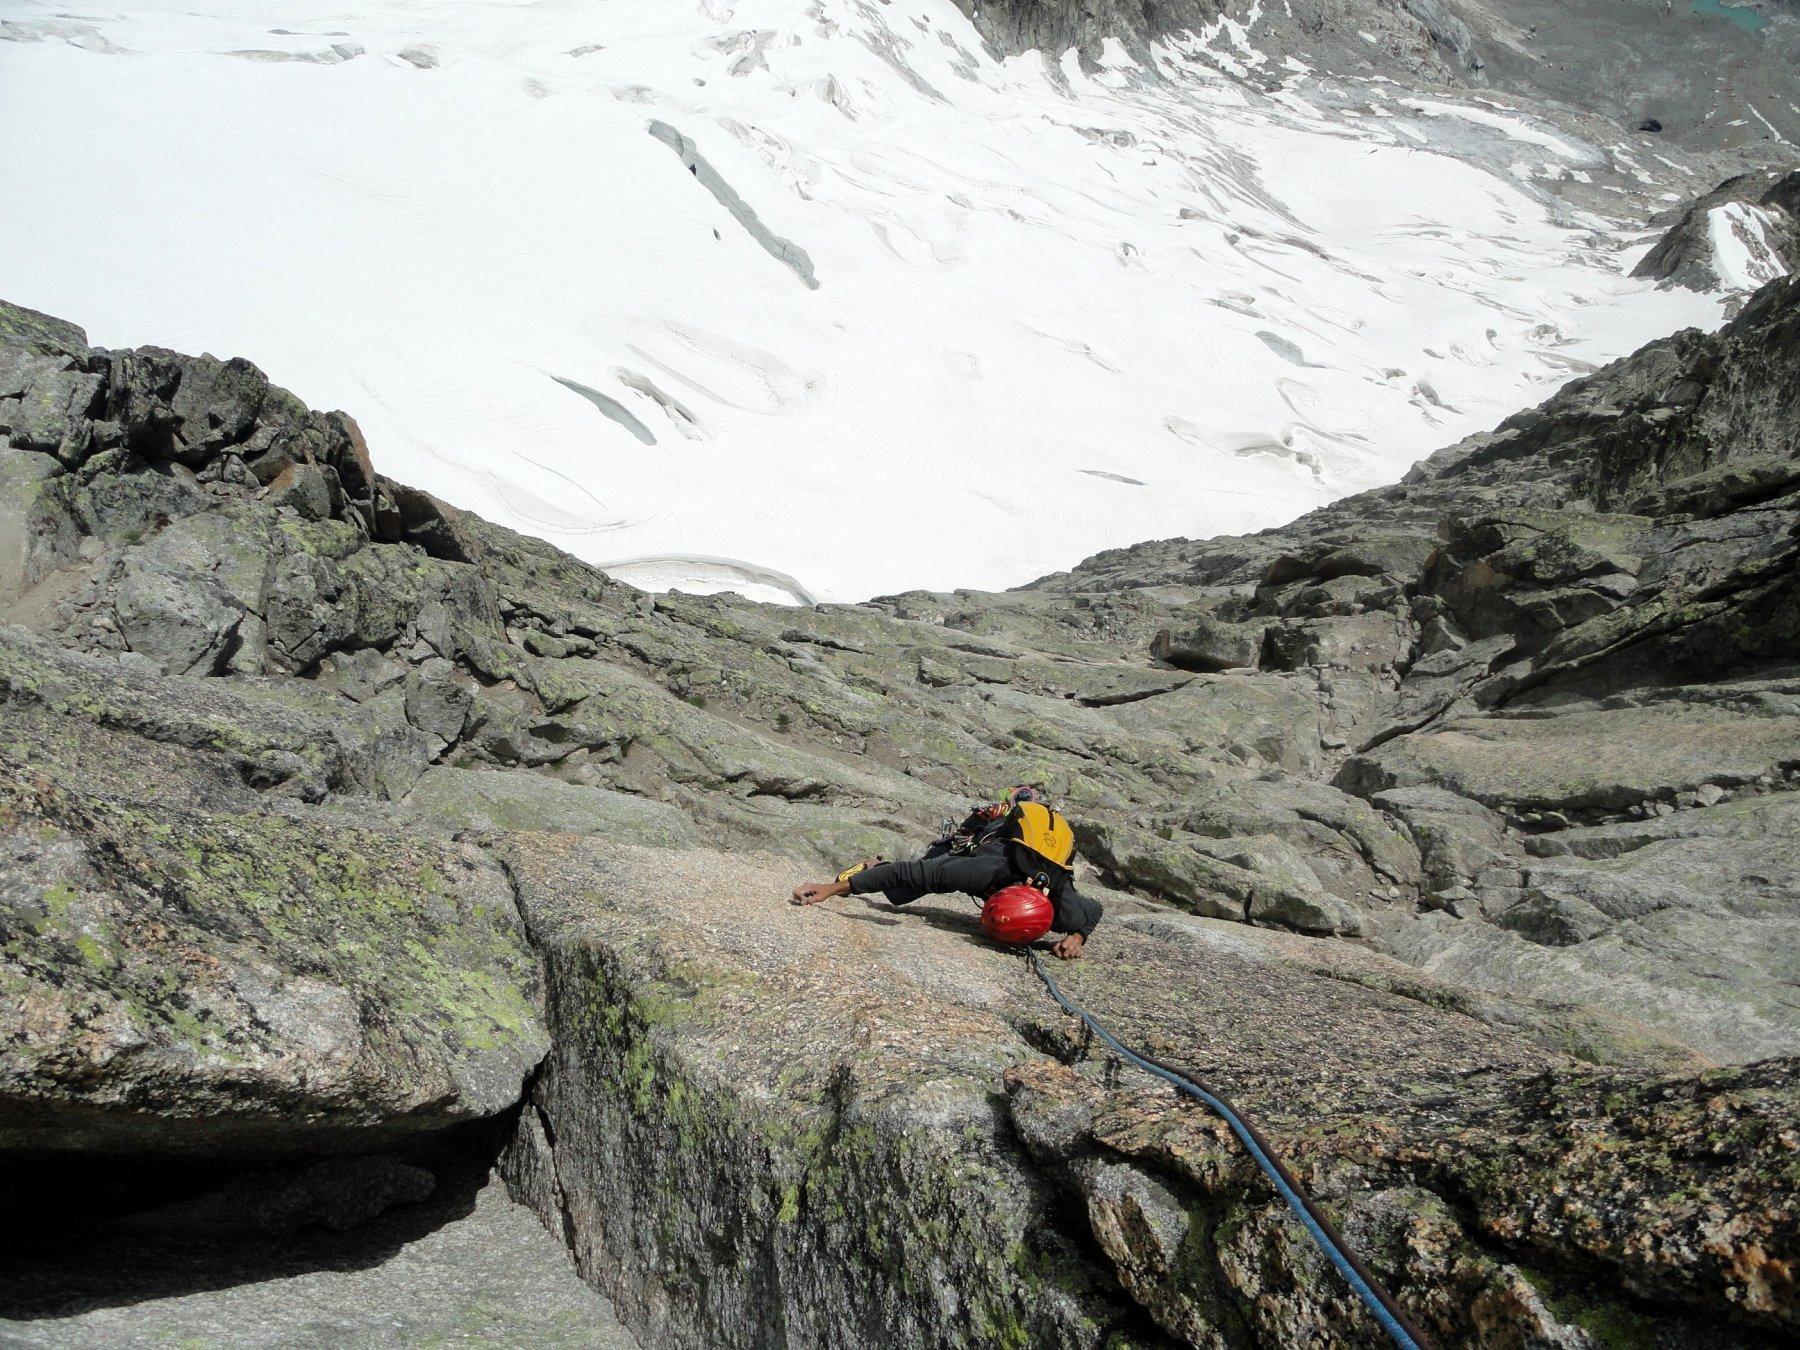 Savoie (Aiguille de) Favola d'Amore 2017-07-15